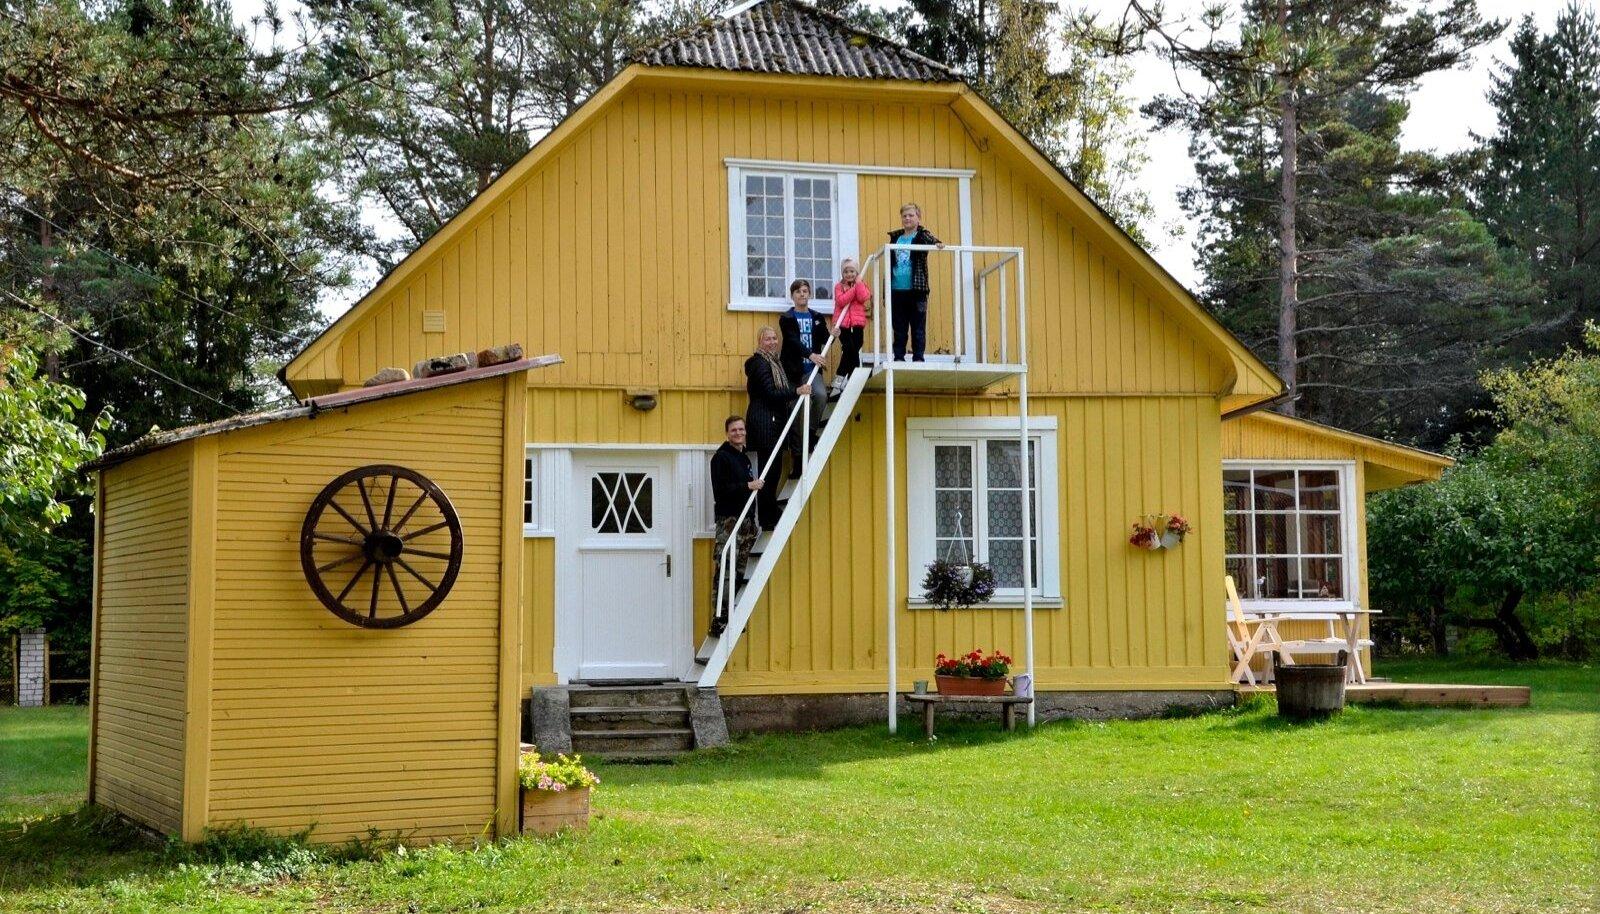 Liisteri pere oma Pöidla suvekodus Hiiumaal. Vasakul on kaevumaja. Pildil isa Sven, ema Anneli, vanim poeg Franz Hugo, pesamuna Aliise Marie ja Mihkel Juhan.